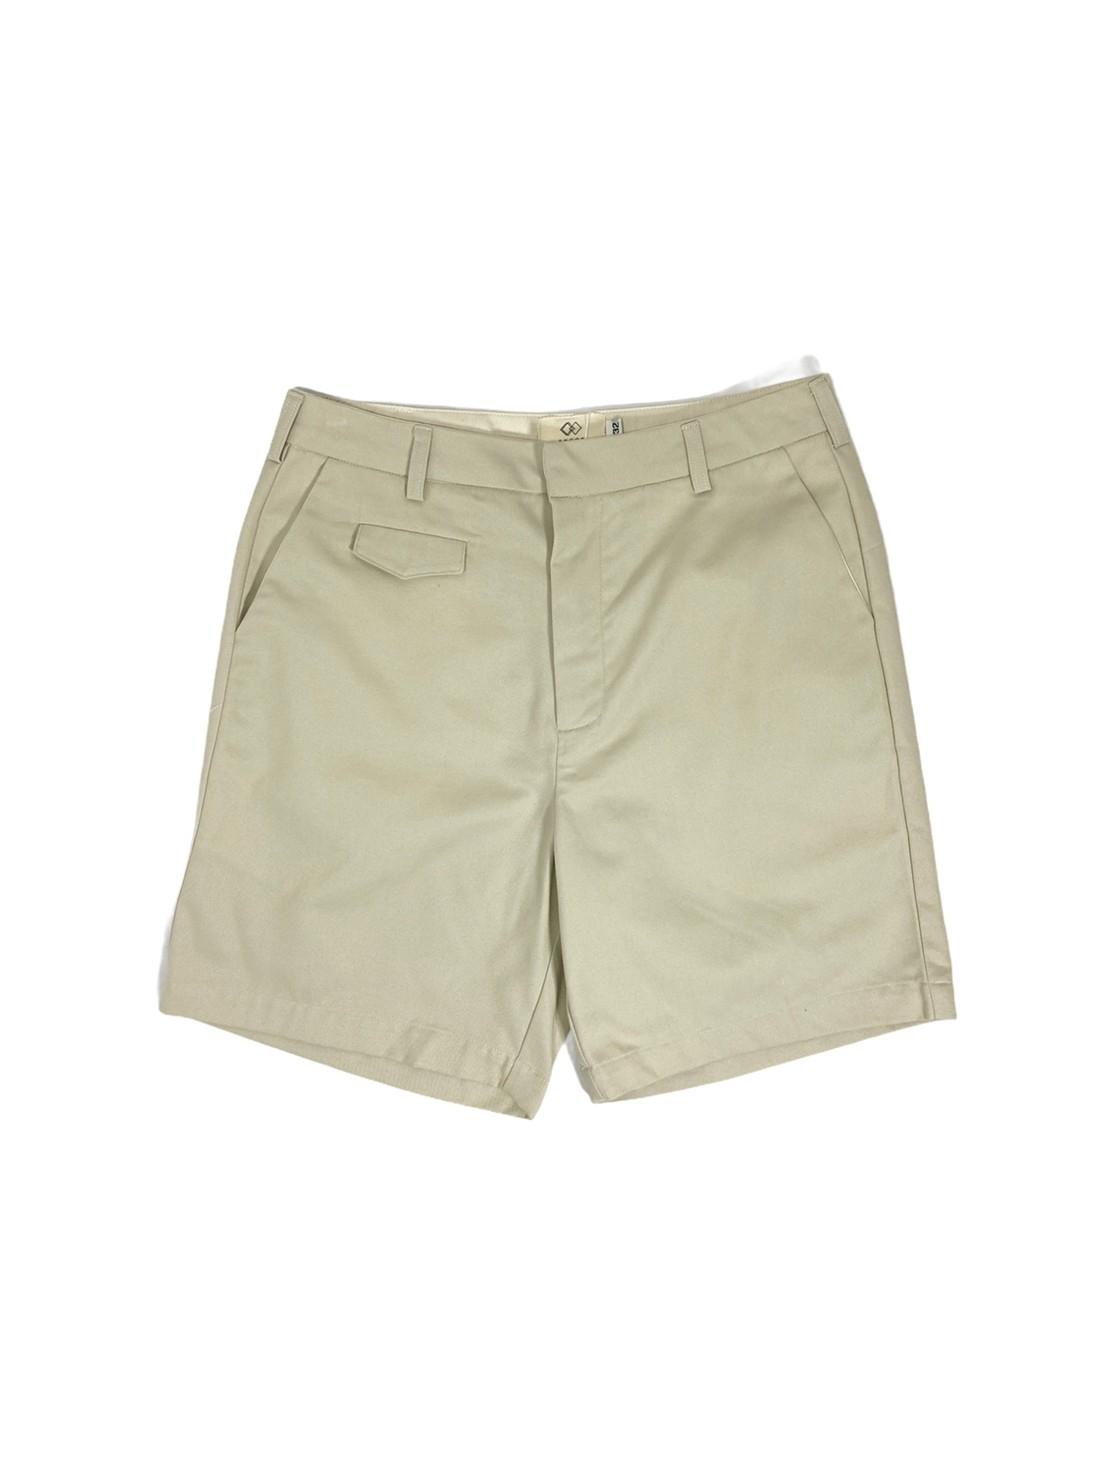 Chino Shorts (Beige)